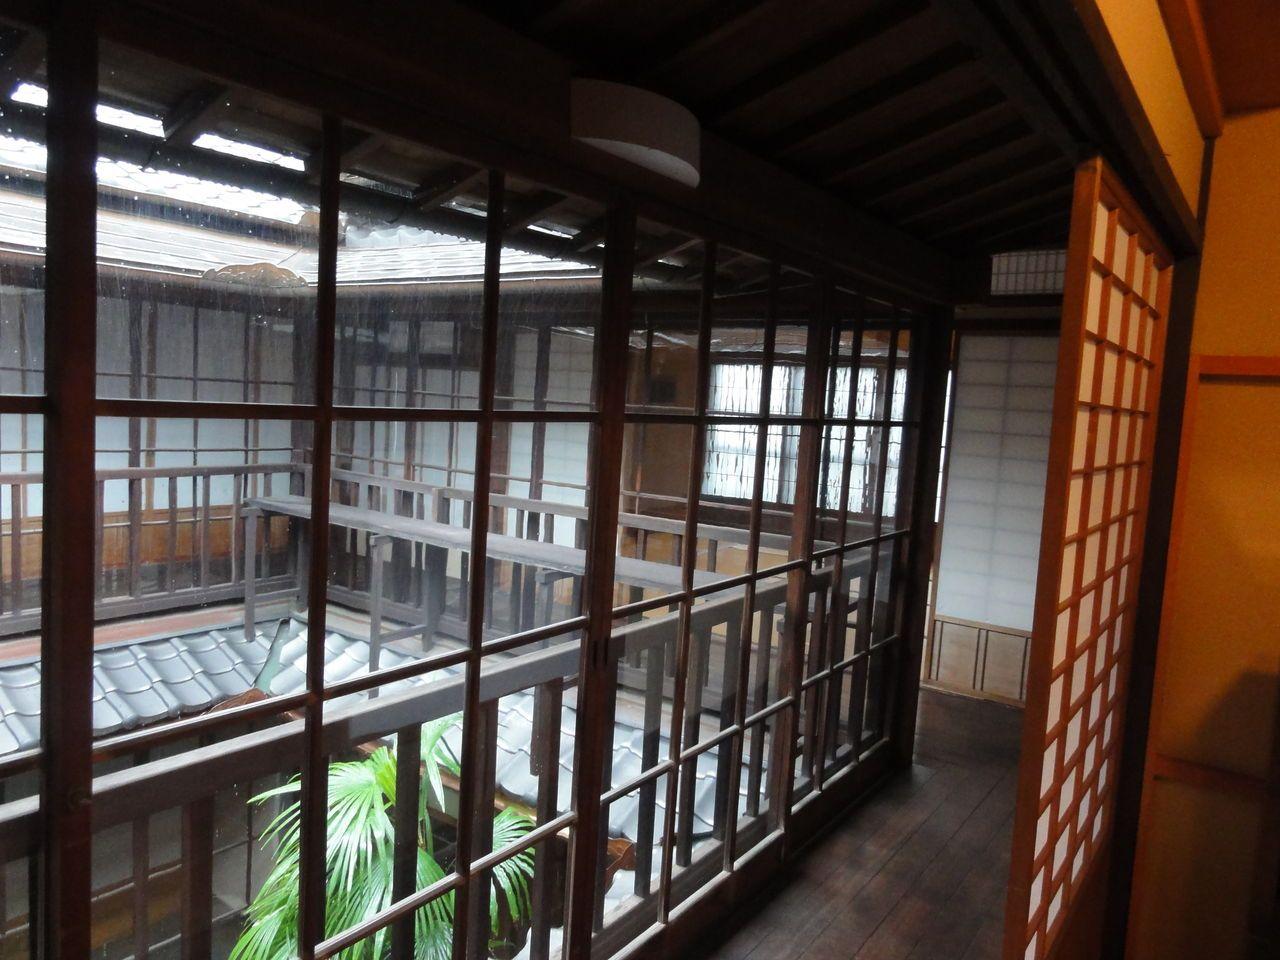 2 - Japanische innenarchitektur ...